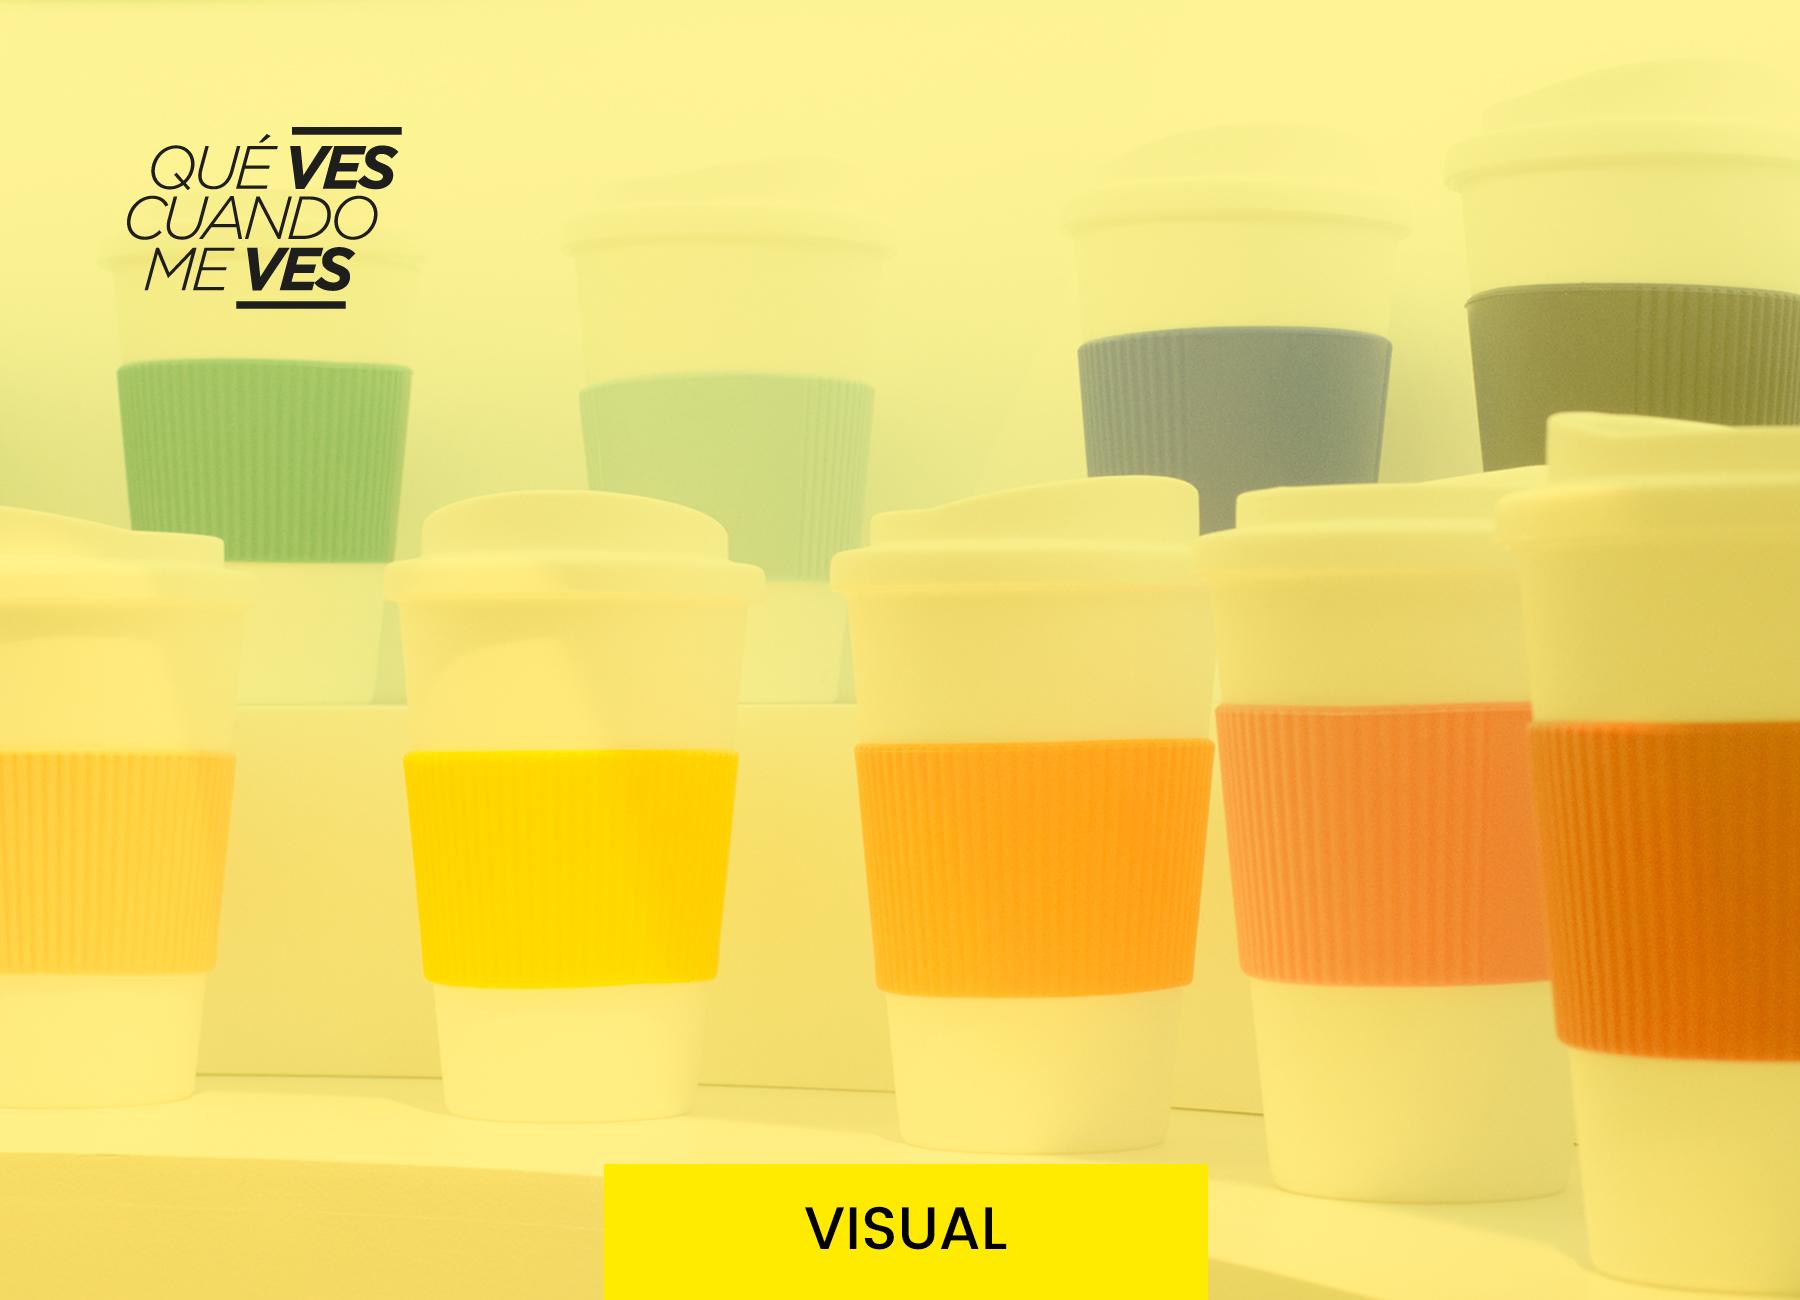 Tendencias Retail. El futuro del Visual Merchandising en tiempos de pandemia. Marcela Seggiaro